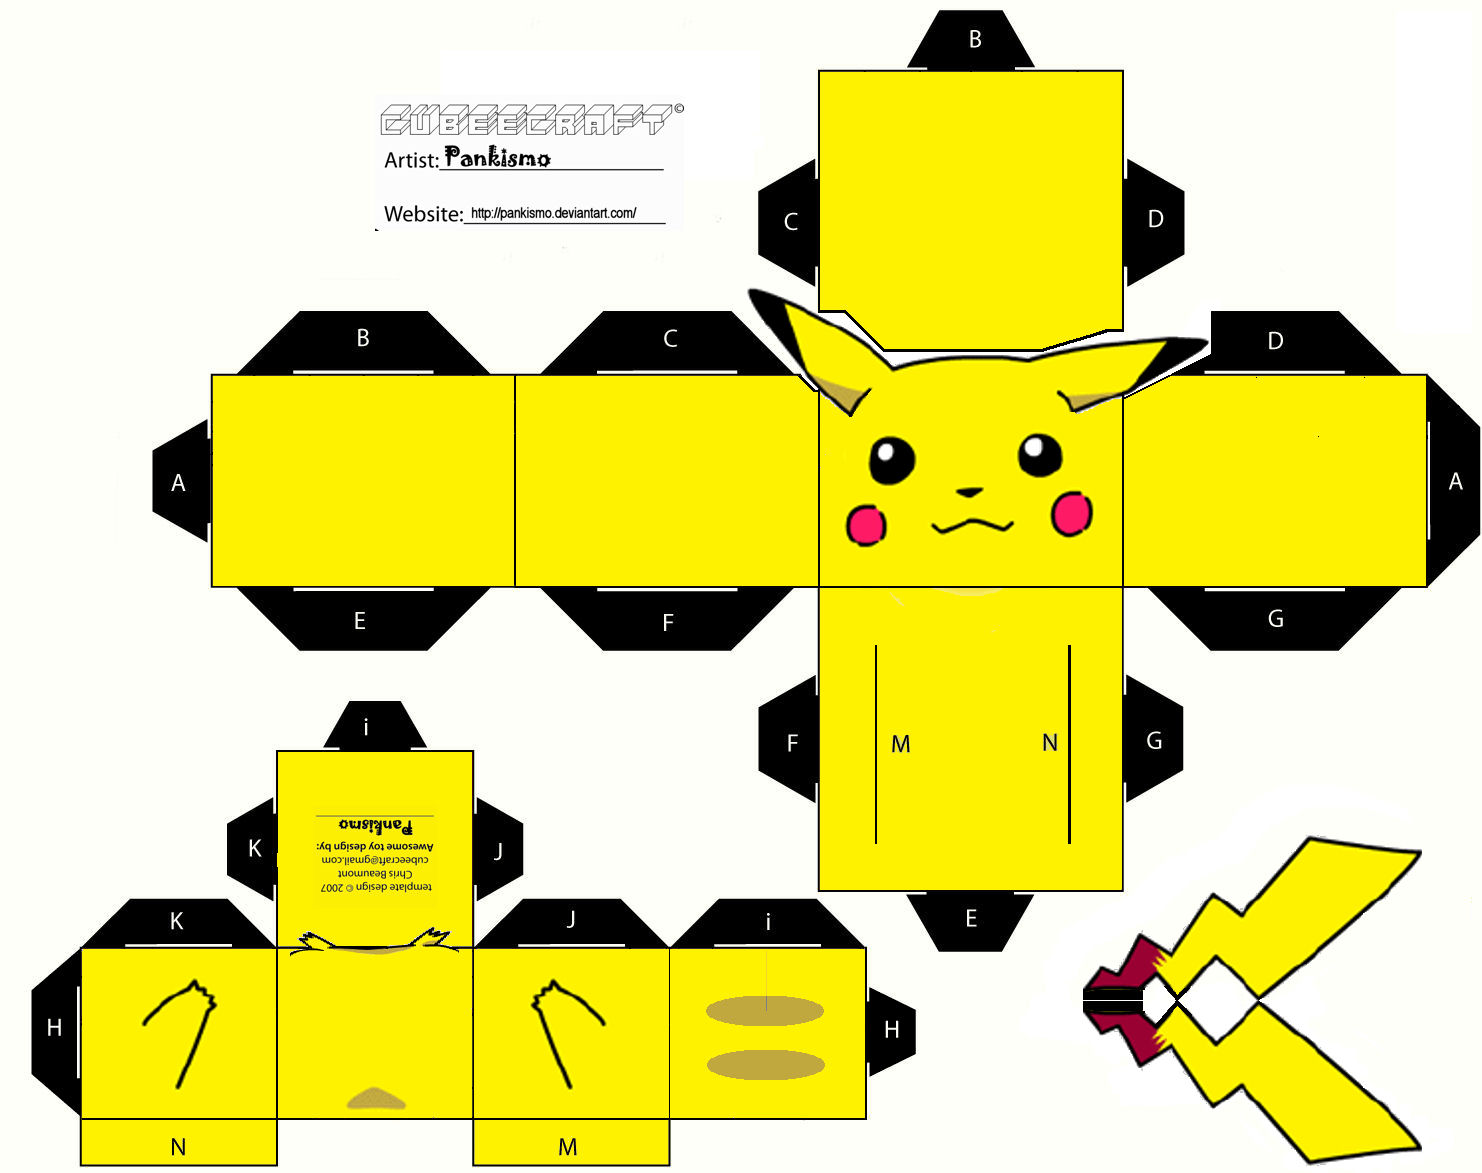 La Web Pokemon: Plantilla para crear, imprimir y recortar a Pikachu